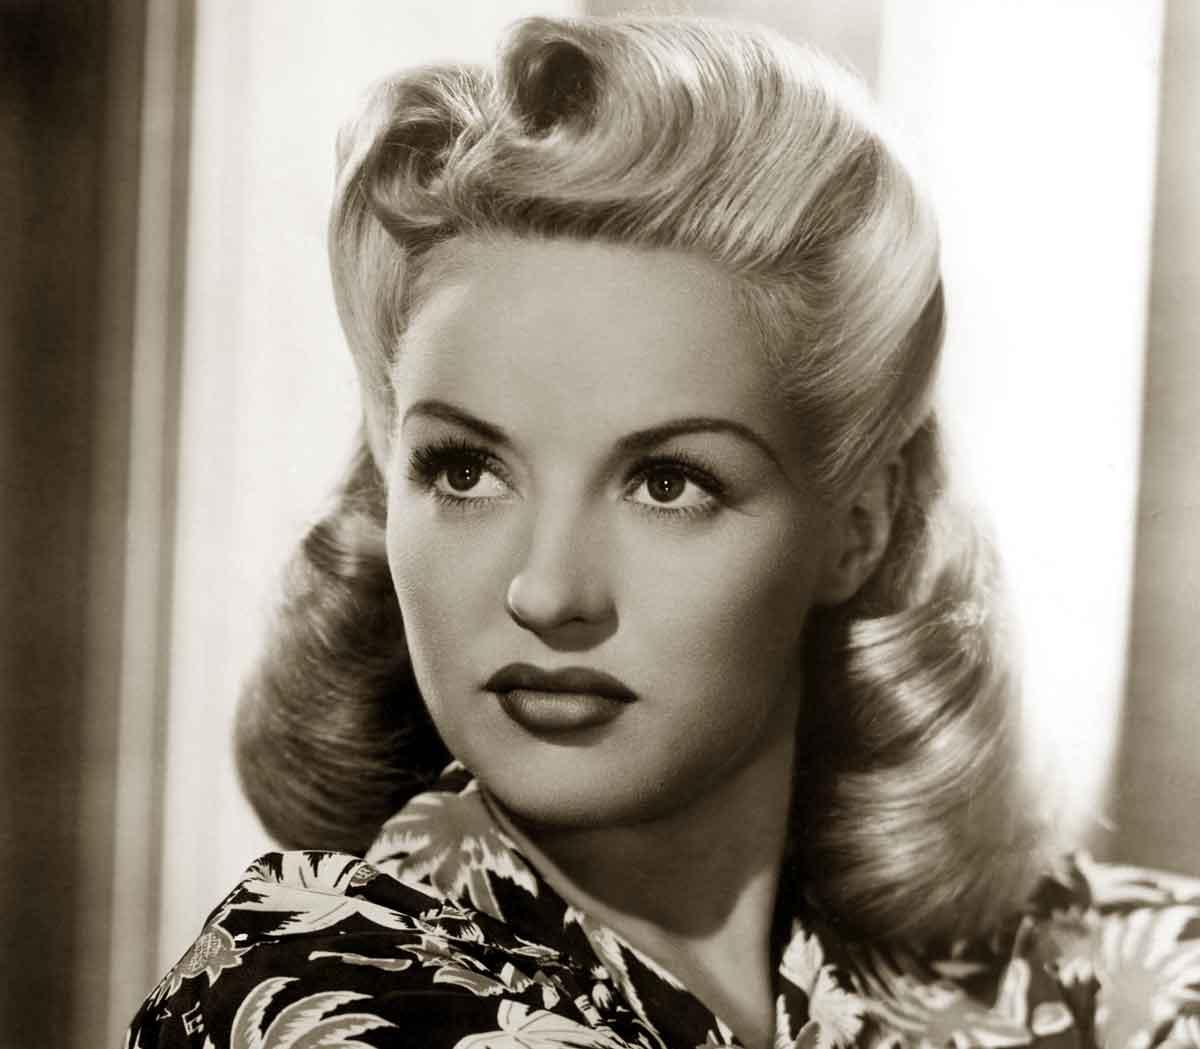 Wondrous 1940S Hairstyles Memorable Pompadours Glamourdaze Short Hairstyles For Black Women Fulllsitofus